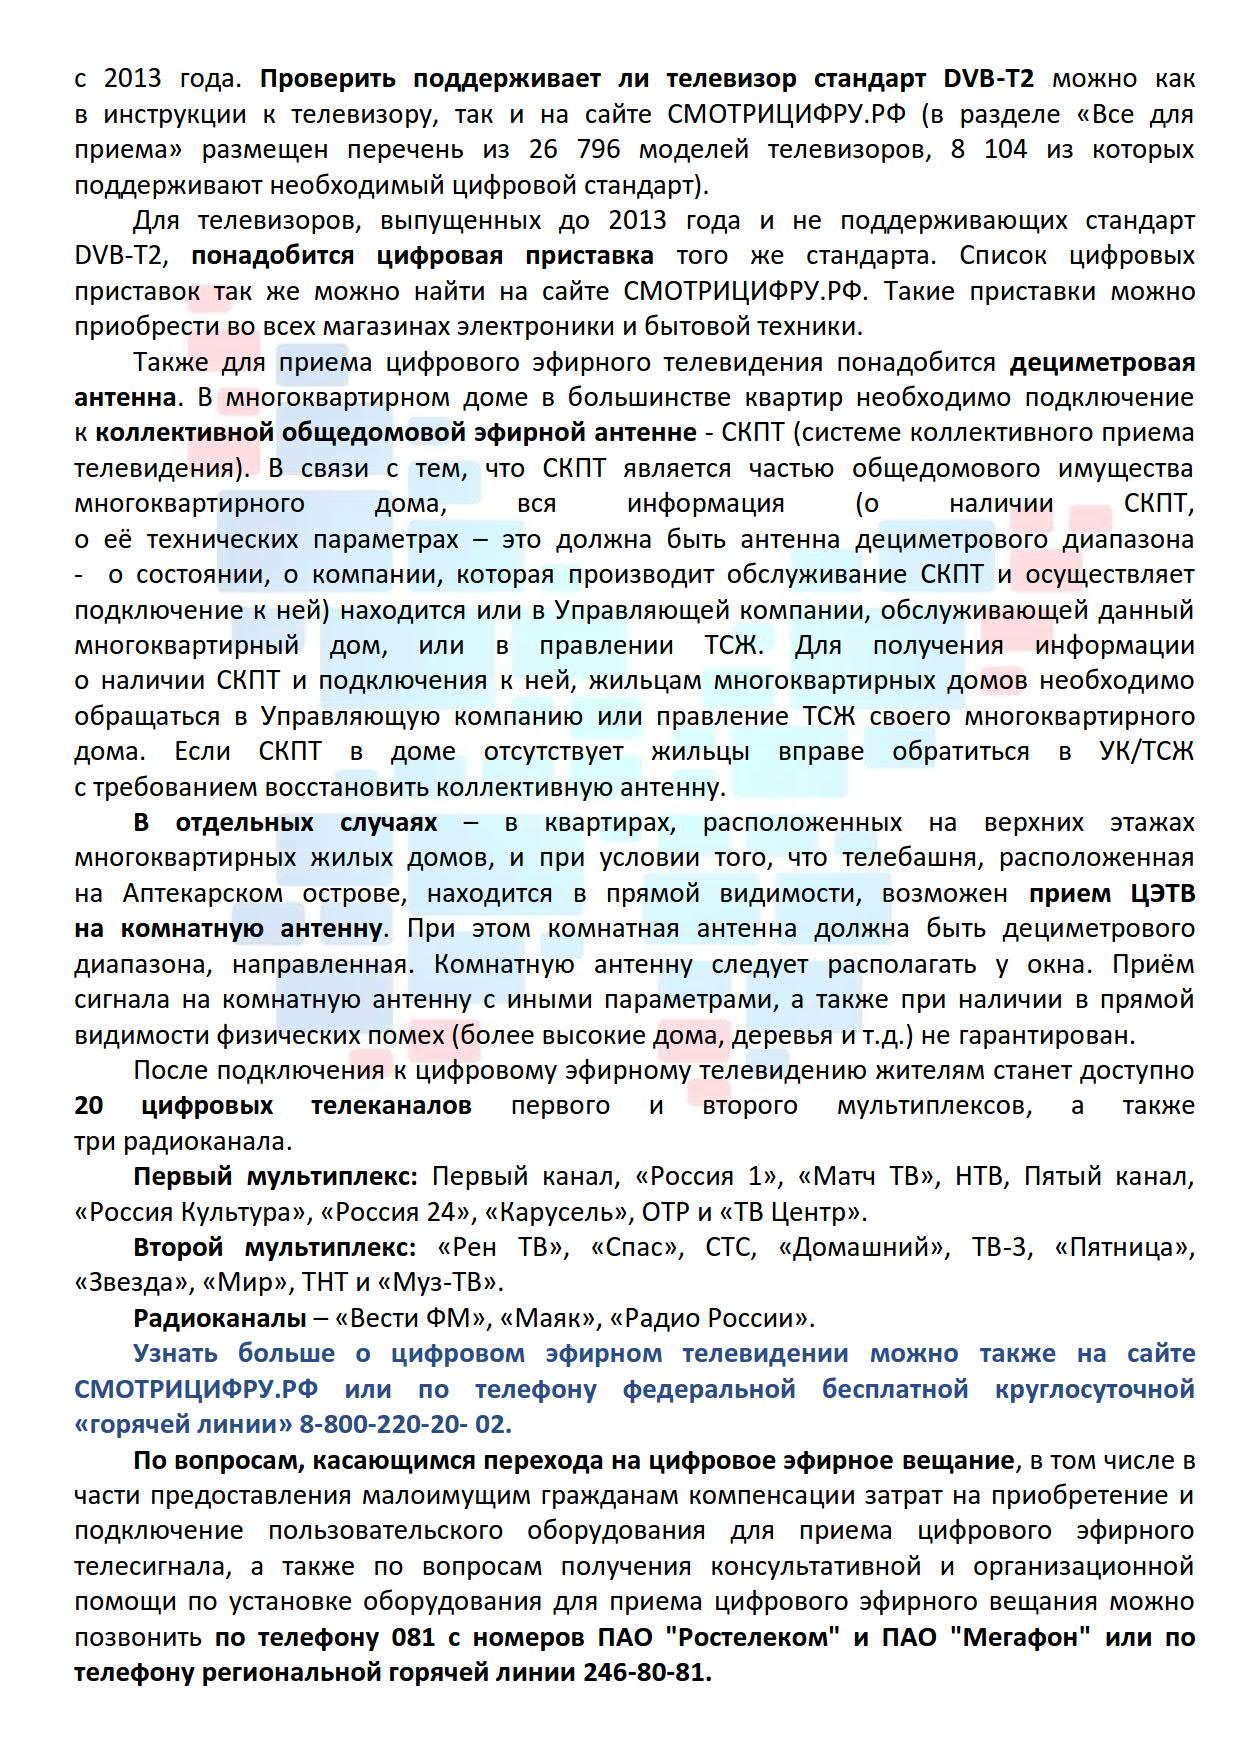 ТЕКСТ_ПАМЯТКИ_ДЛЯ_МНОГОКВАРТИРНЫХ_ДОМОВ_ЦВЕТ_2